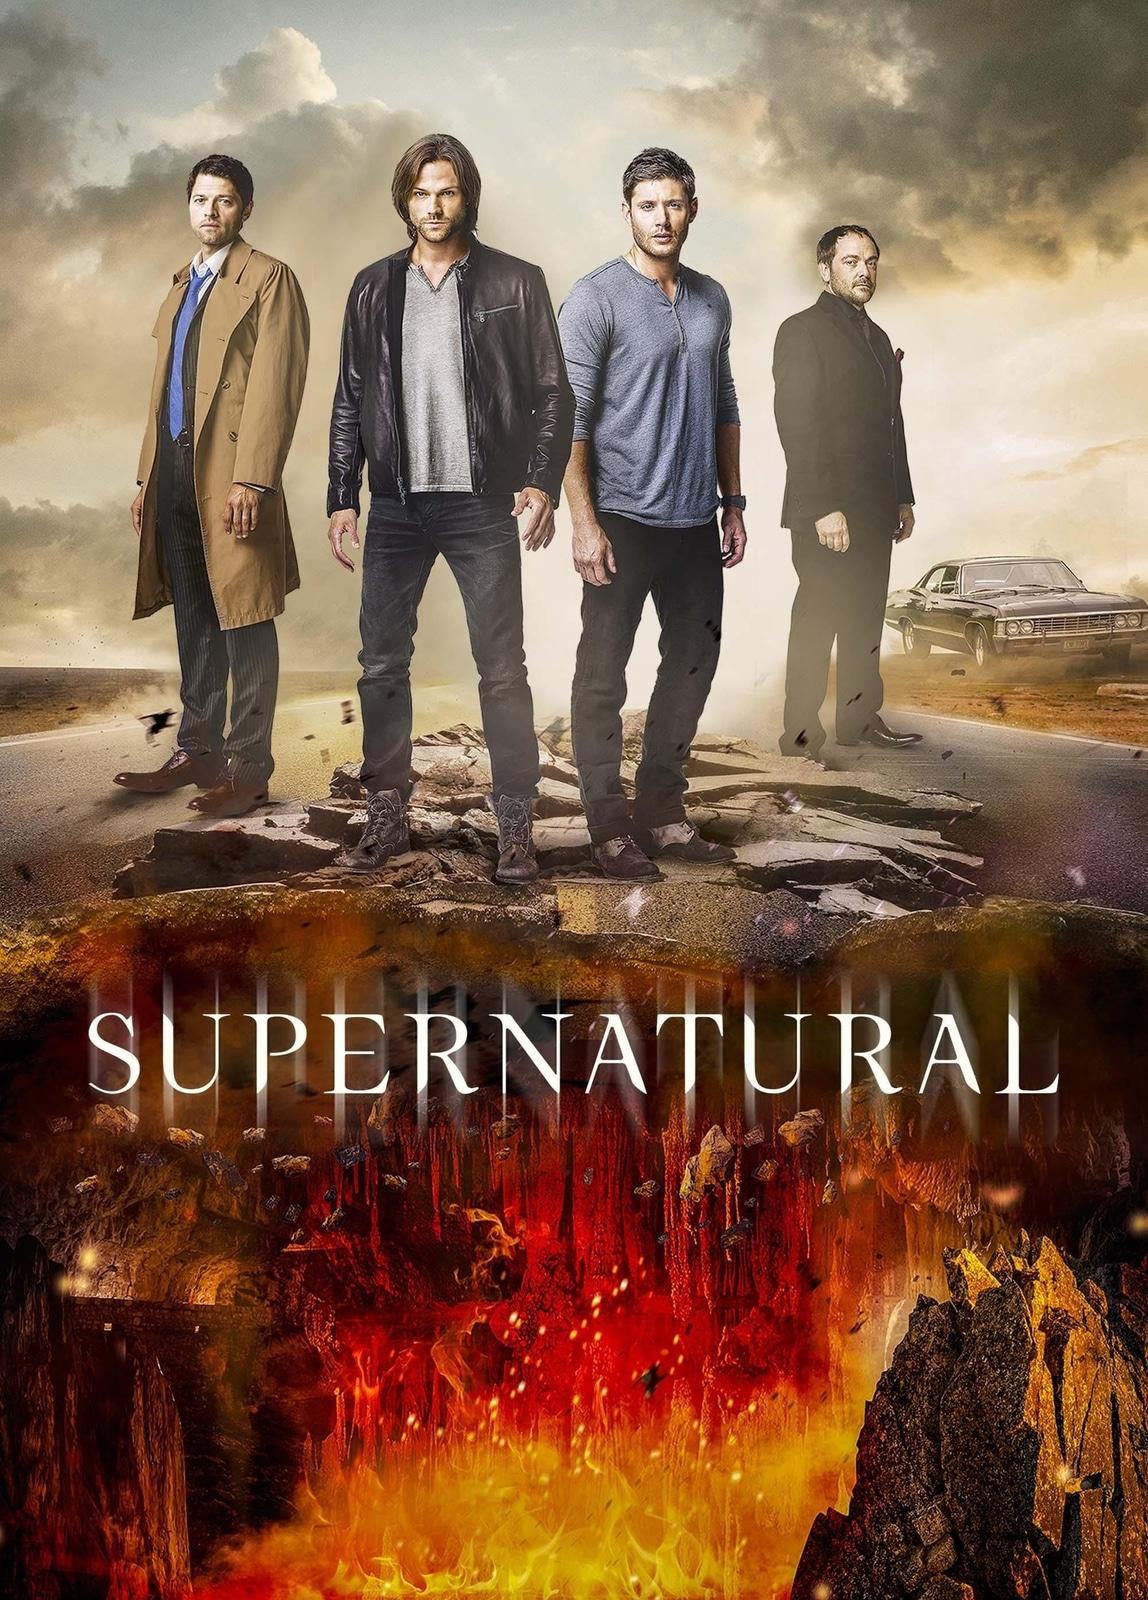 Supernatural cast poster